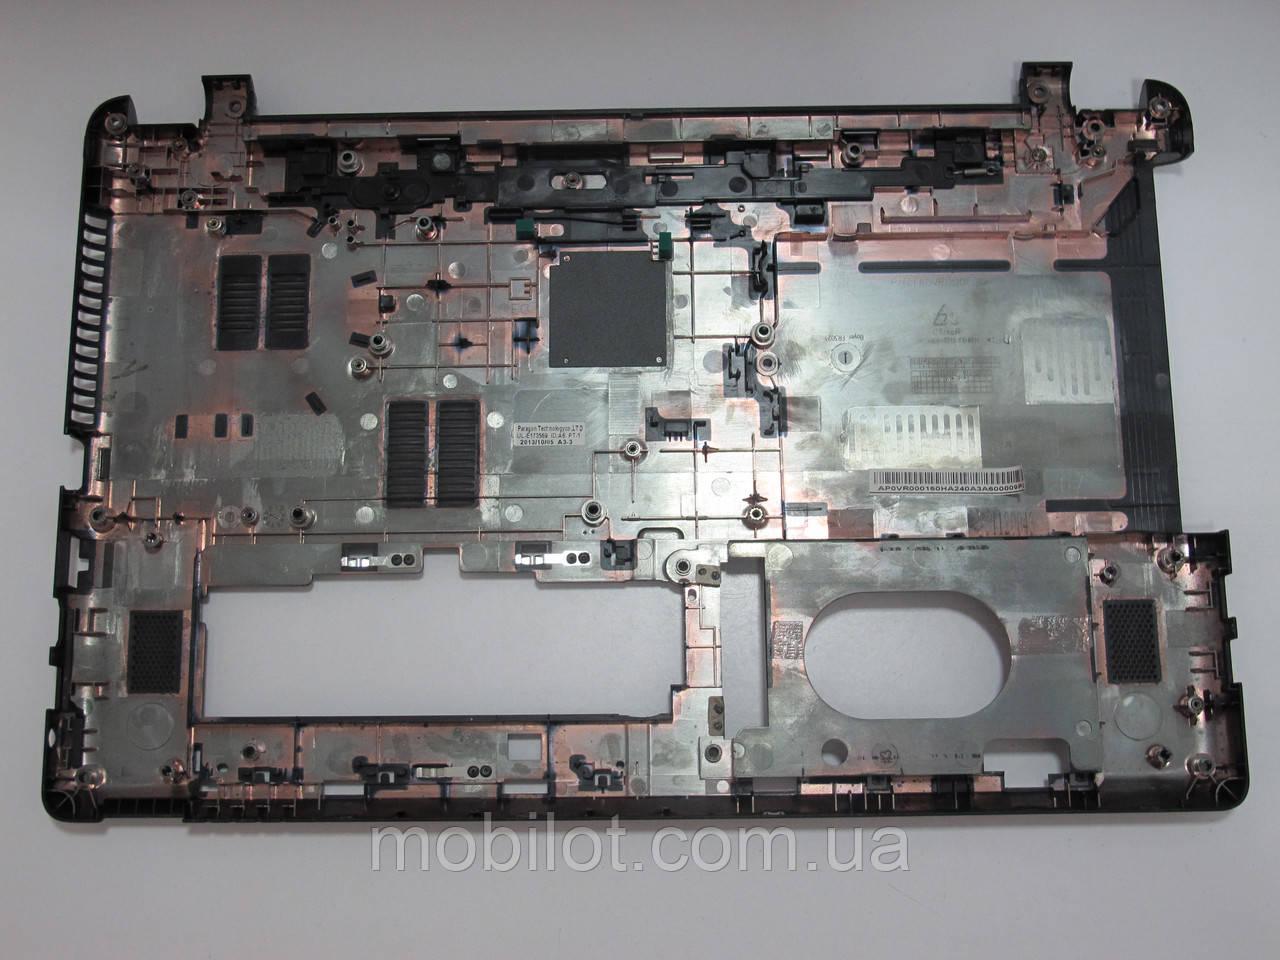 Часть корпуса (Поддон) Acer E1-532 (NZ-6072)